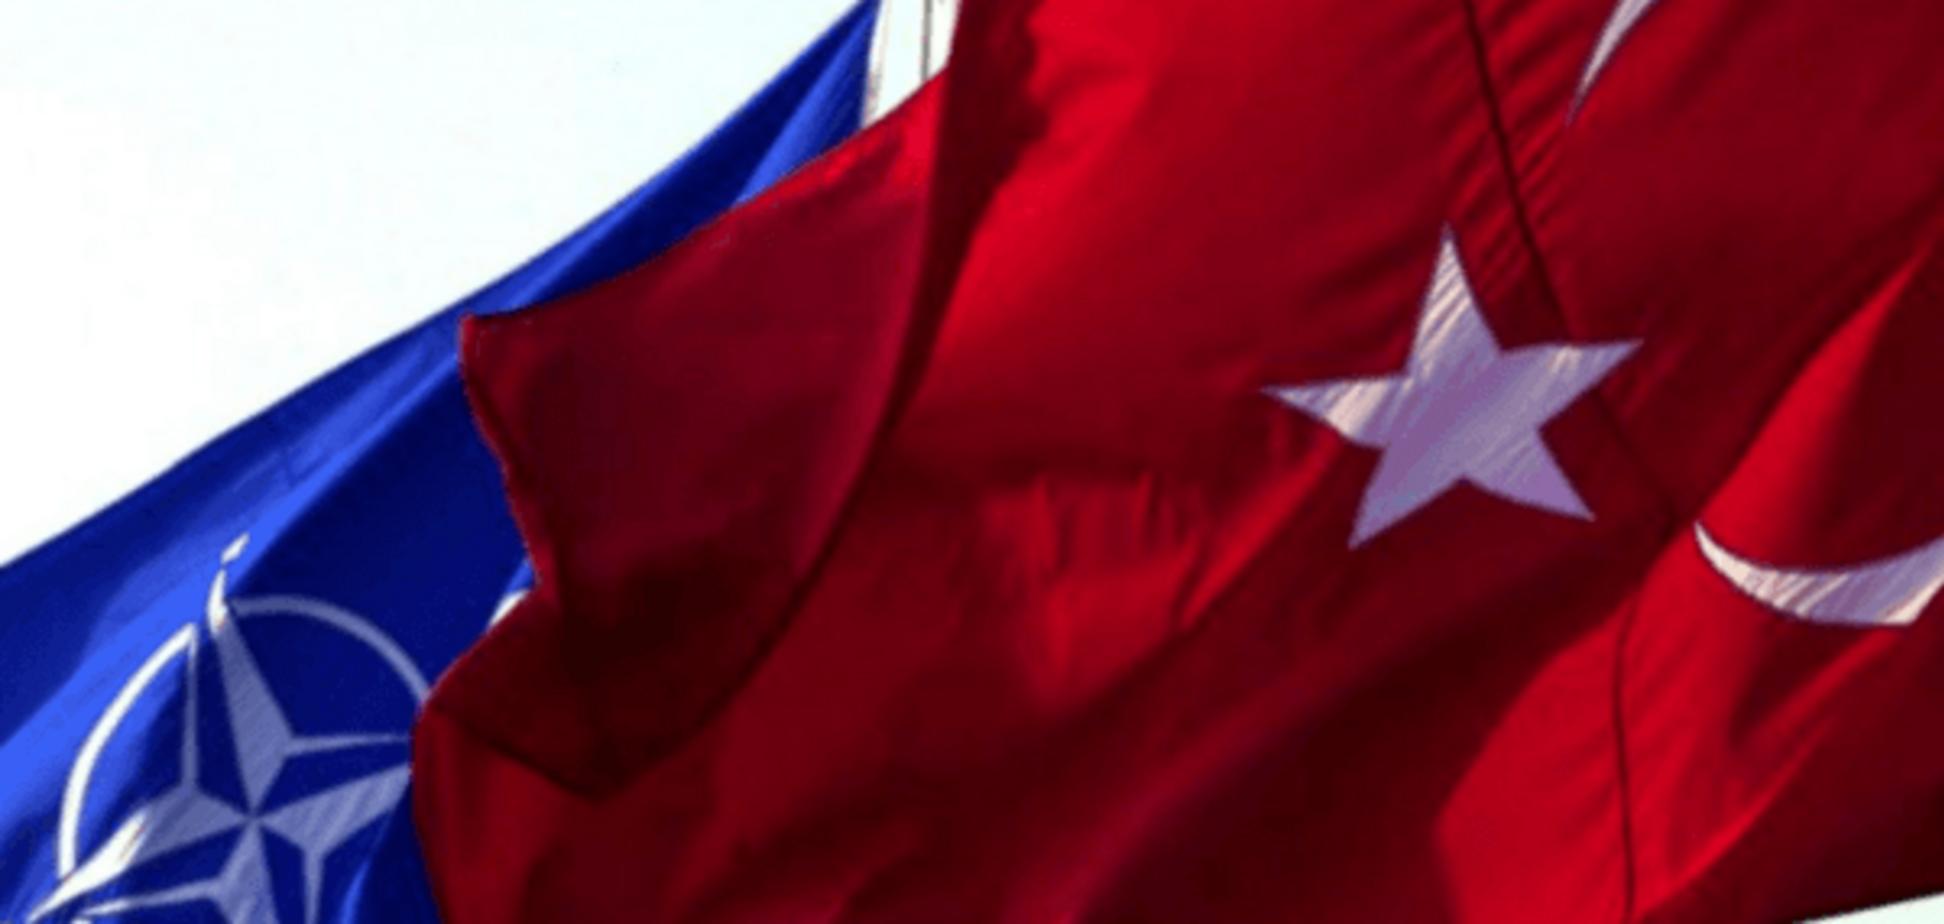 Прапори НАТО і Туреччини